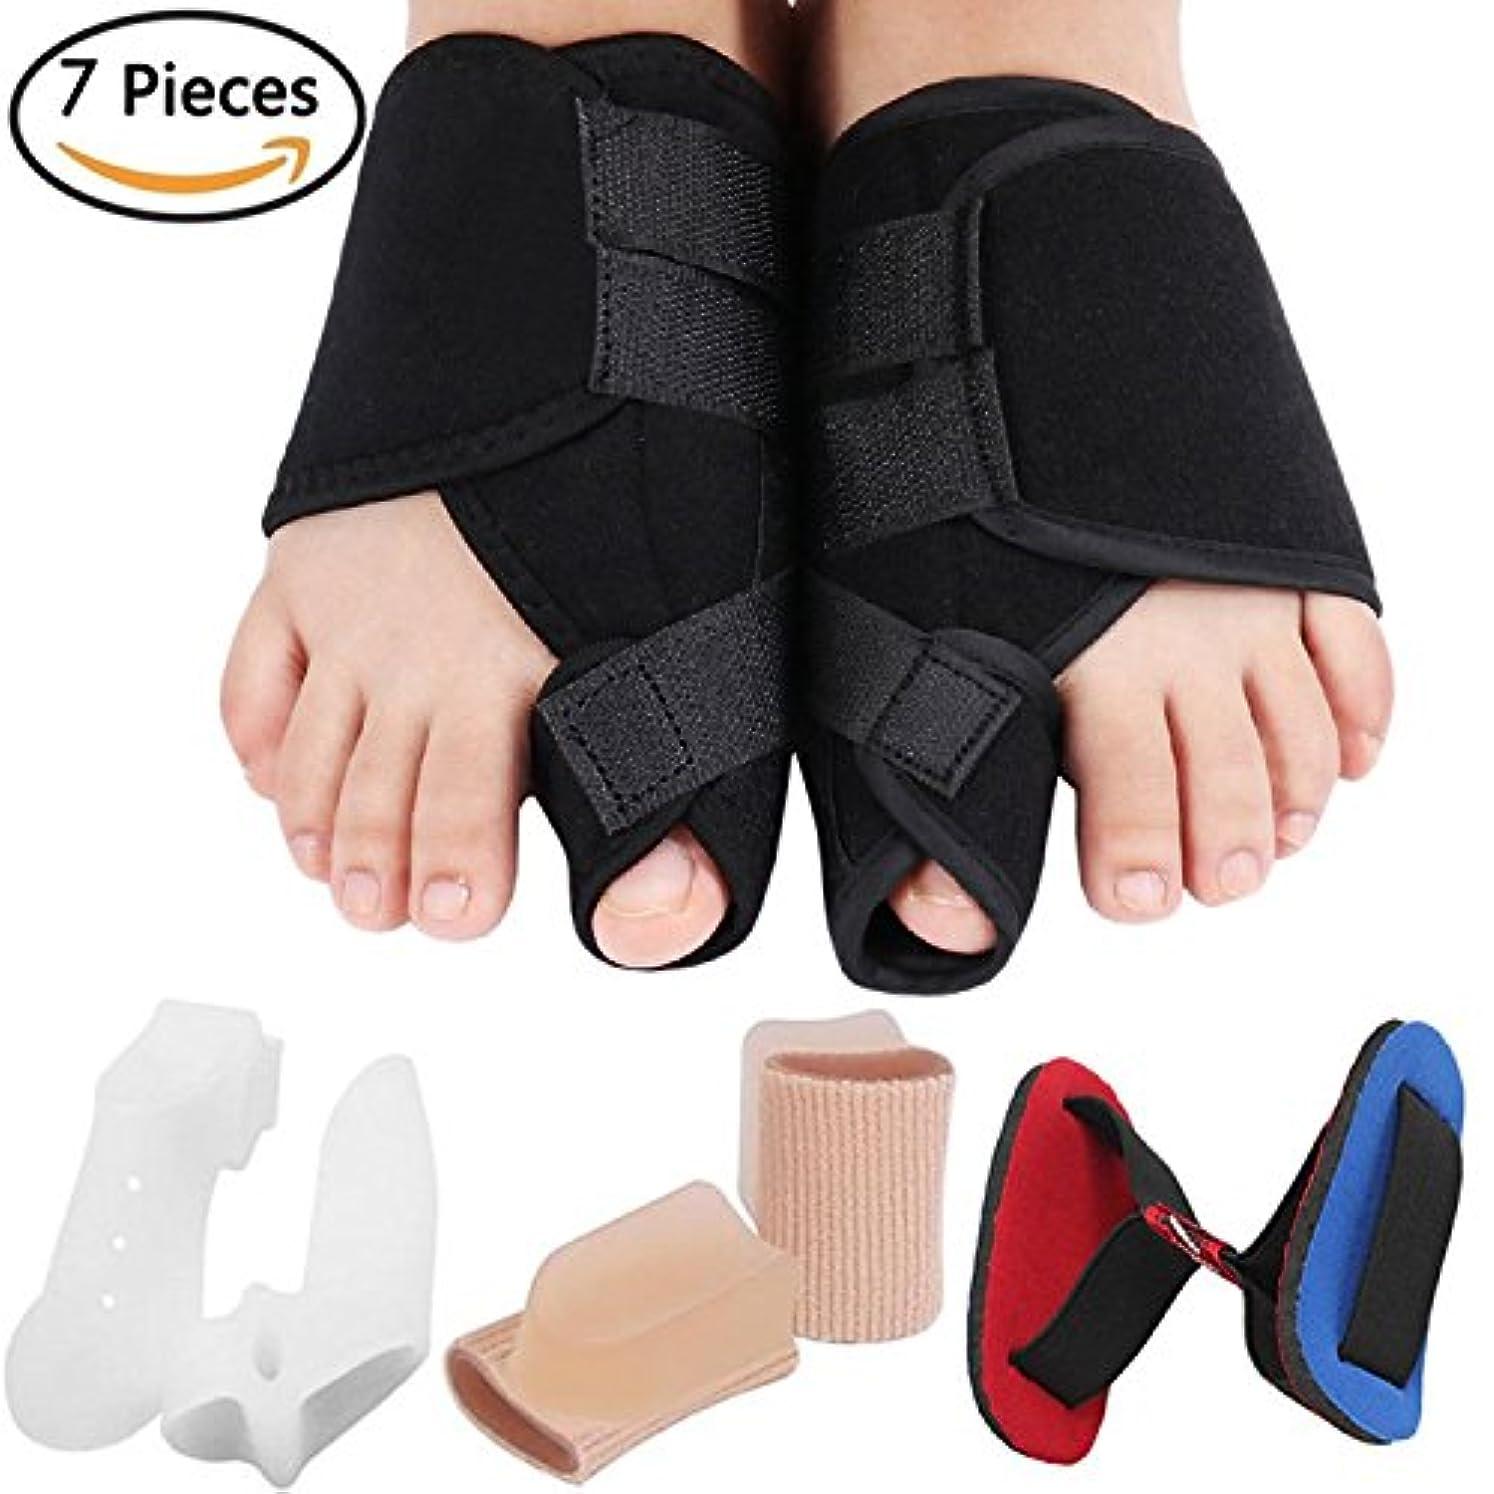 黙有料ピストンBunion Corrector Bunion Relief Kit, Bunion Splint Toe Straightener Corrector for Hallux Valgus, Big Toe Joint,...